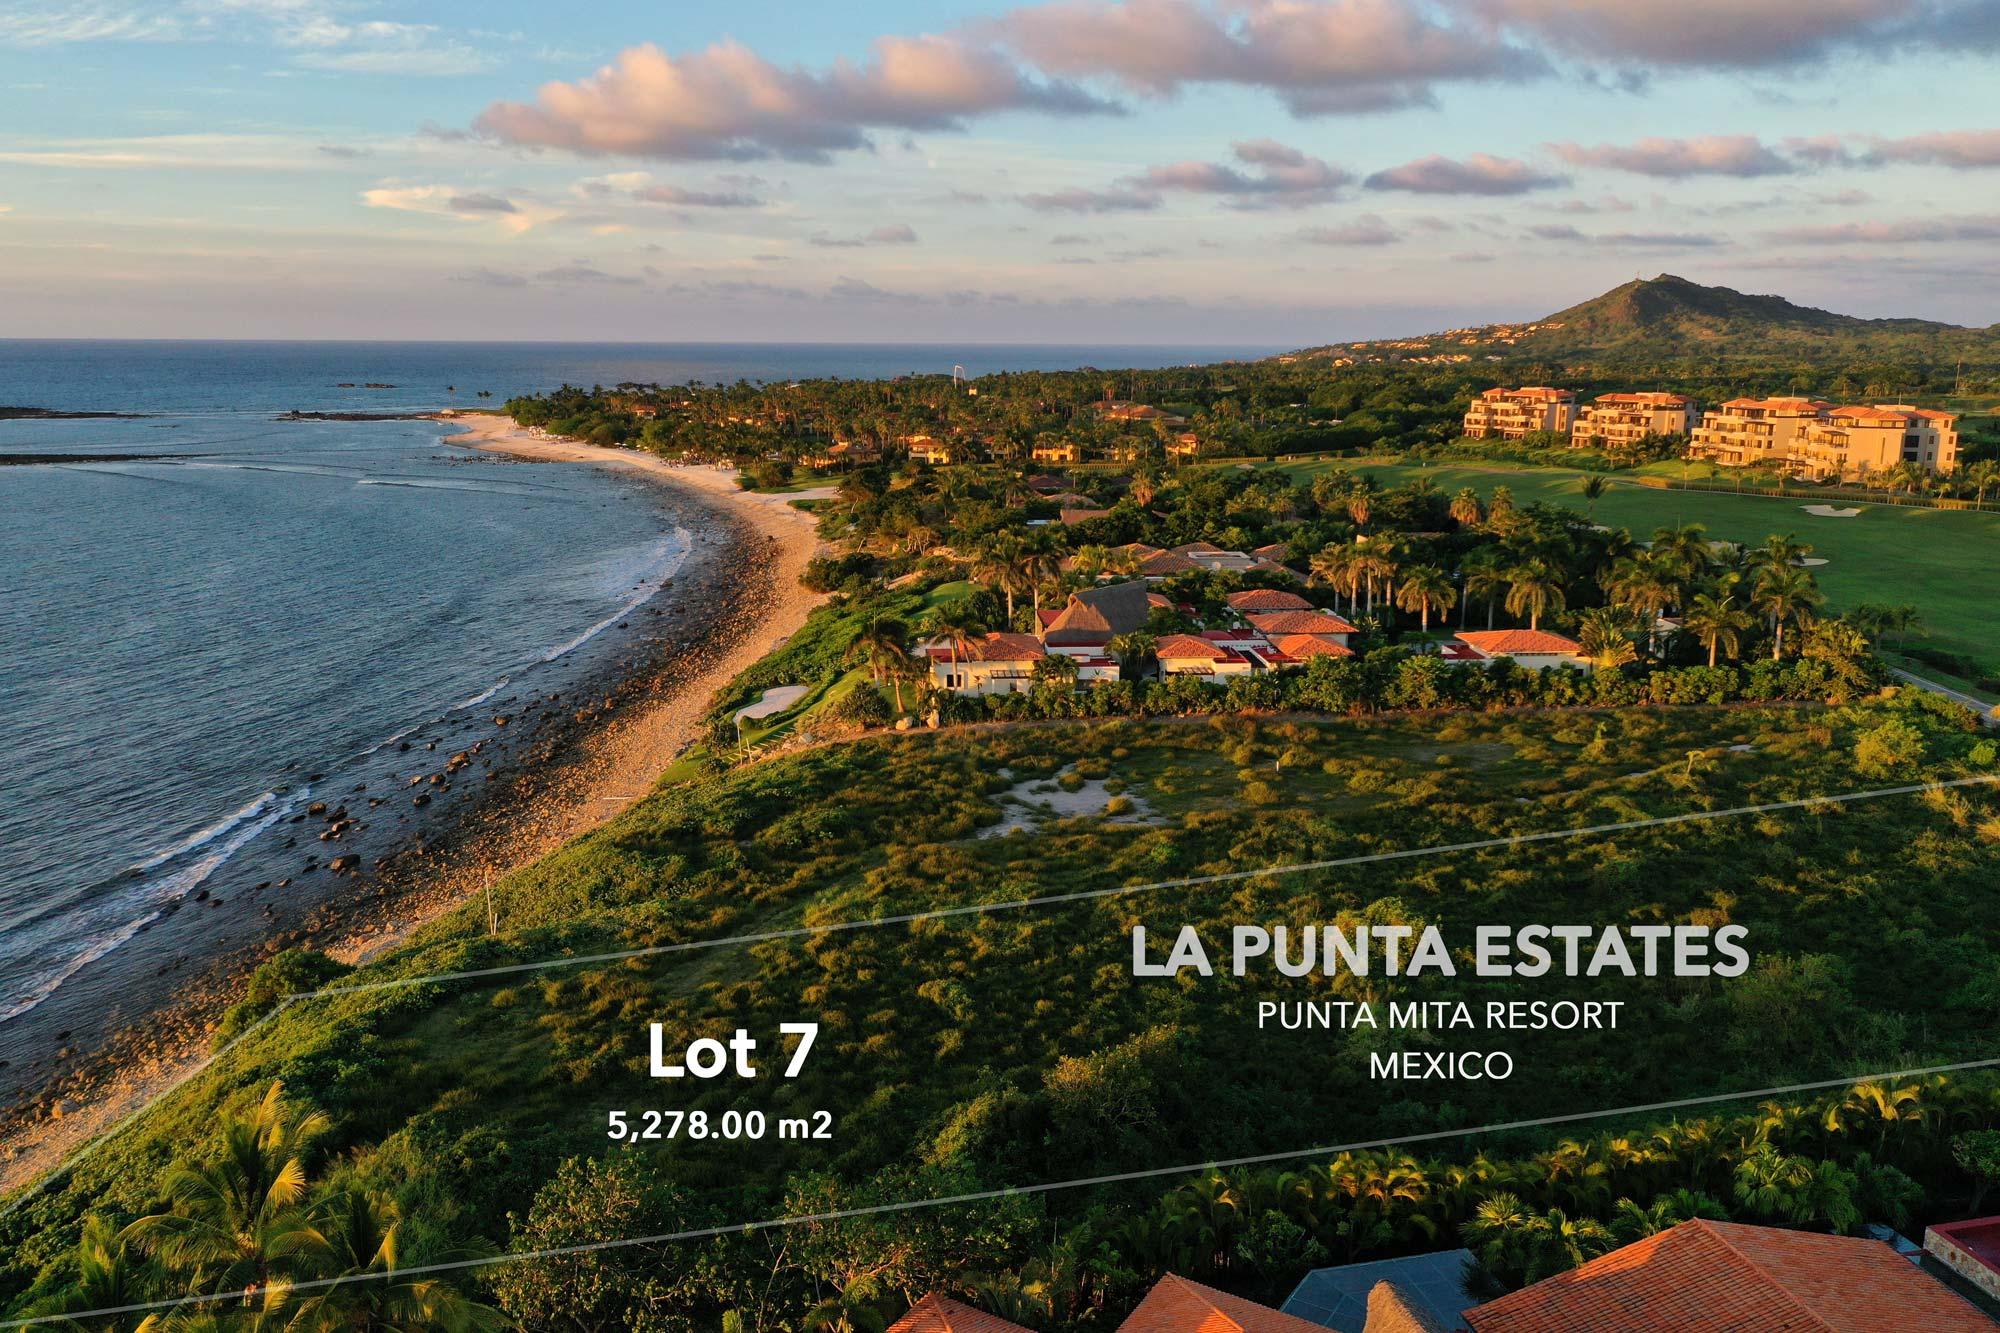 La Punta Estates - Lot 7 - Punta Mita Four Seasons / St. Regis Resort - Mexico